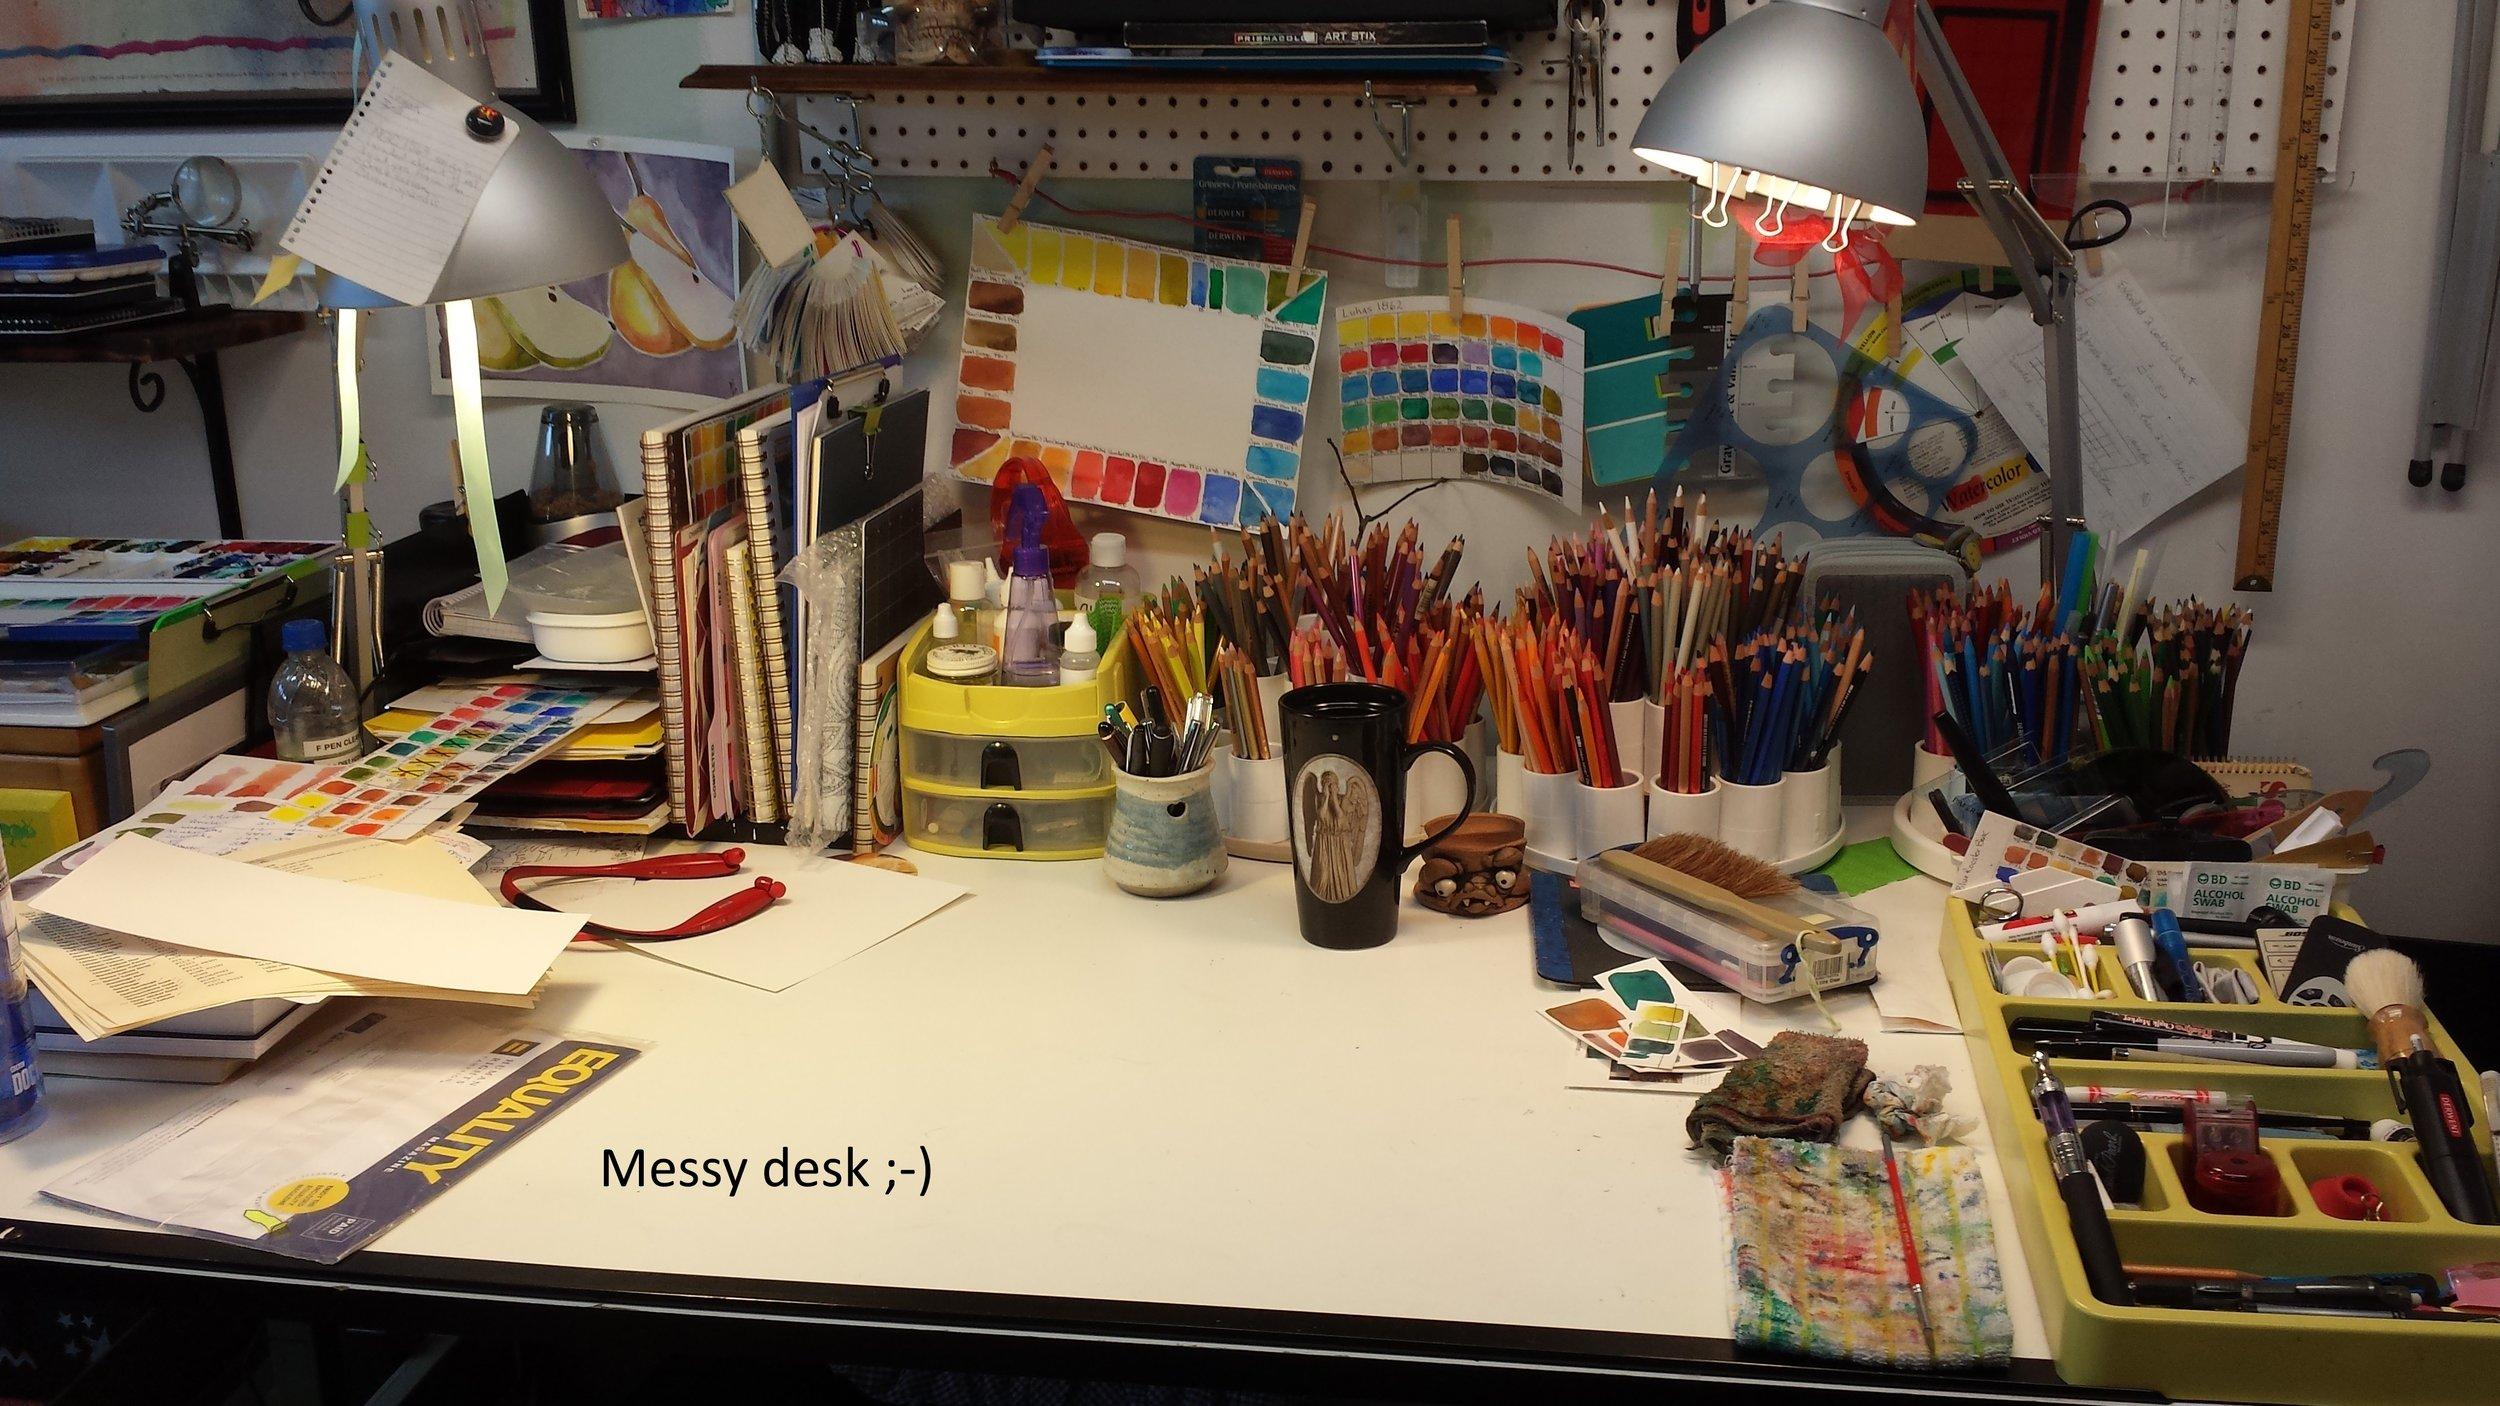 Ali C's Messy Desk